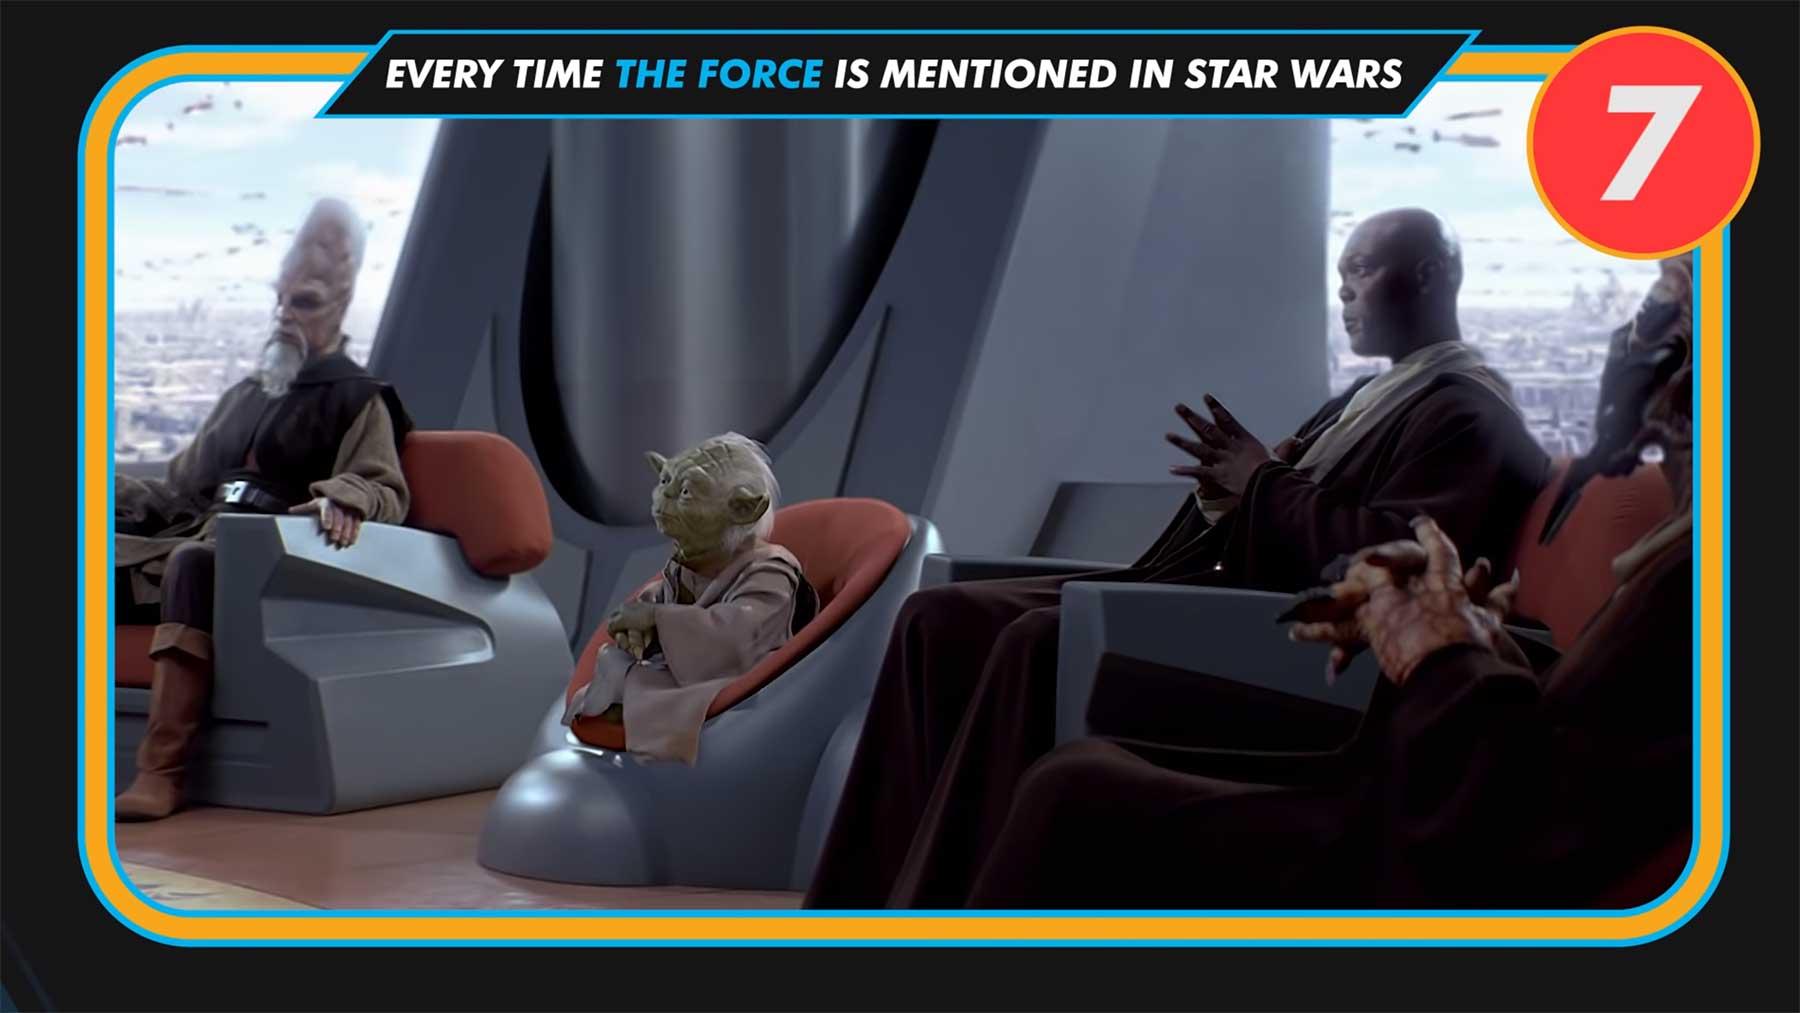 """Alle Male, wenn in """"Star Wars"""" die Macht erwähnt wird"""